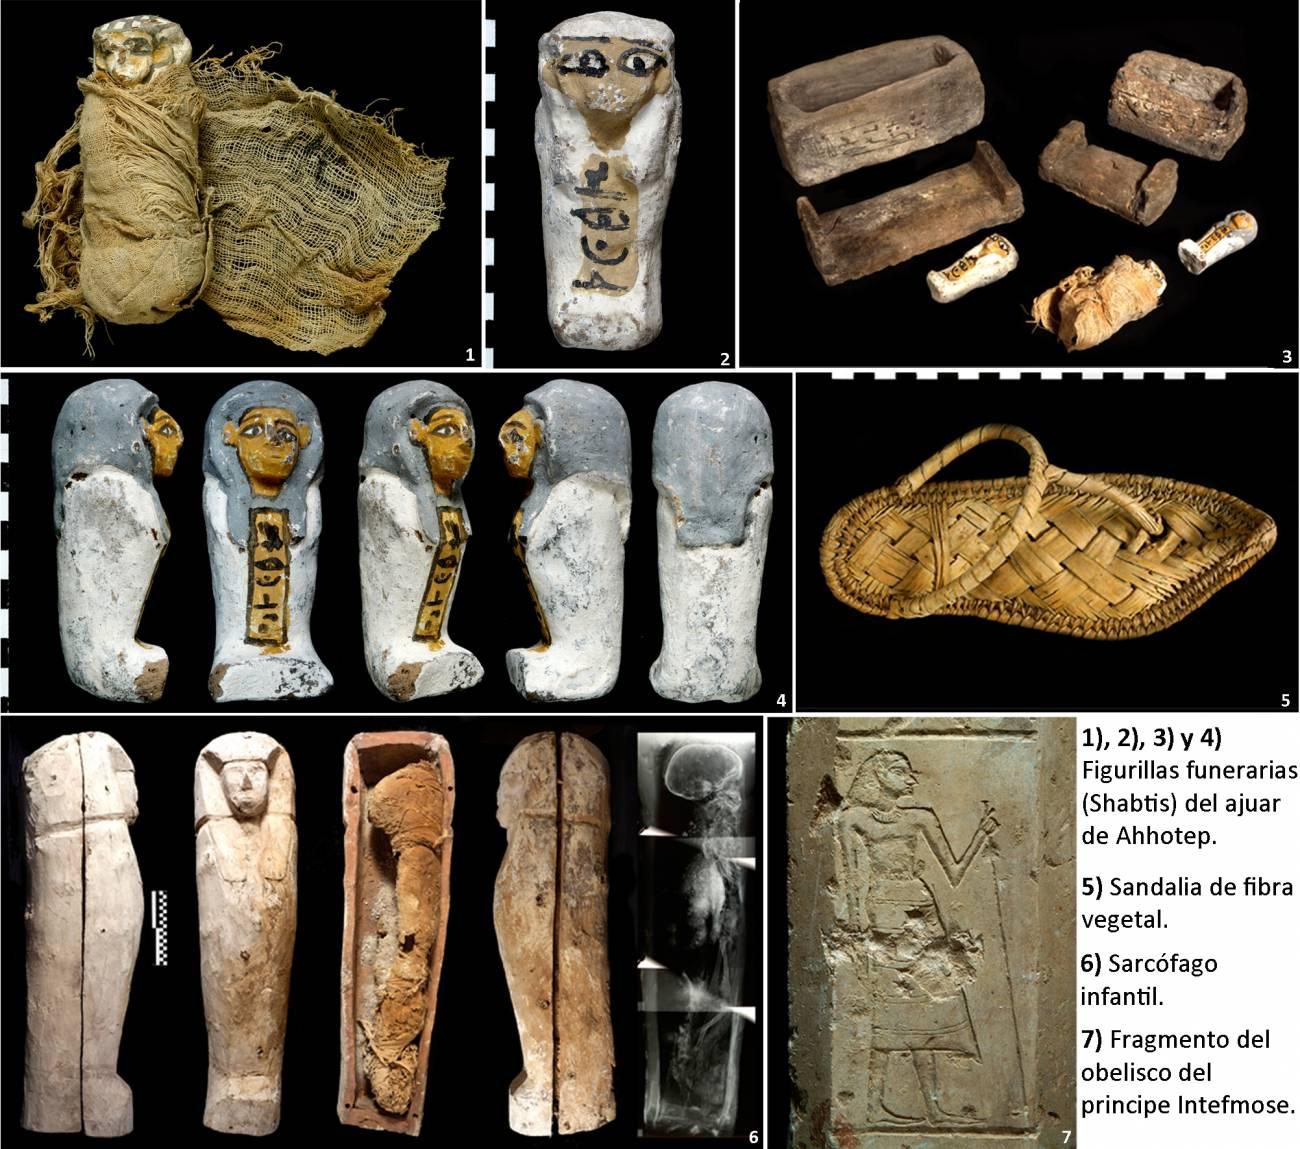 Objetos y sepulcros egipcios de hace 3.550 años encontrados por el proyecto Djehuty. / CSIC